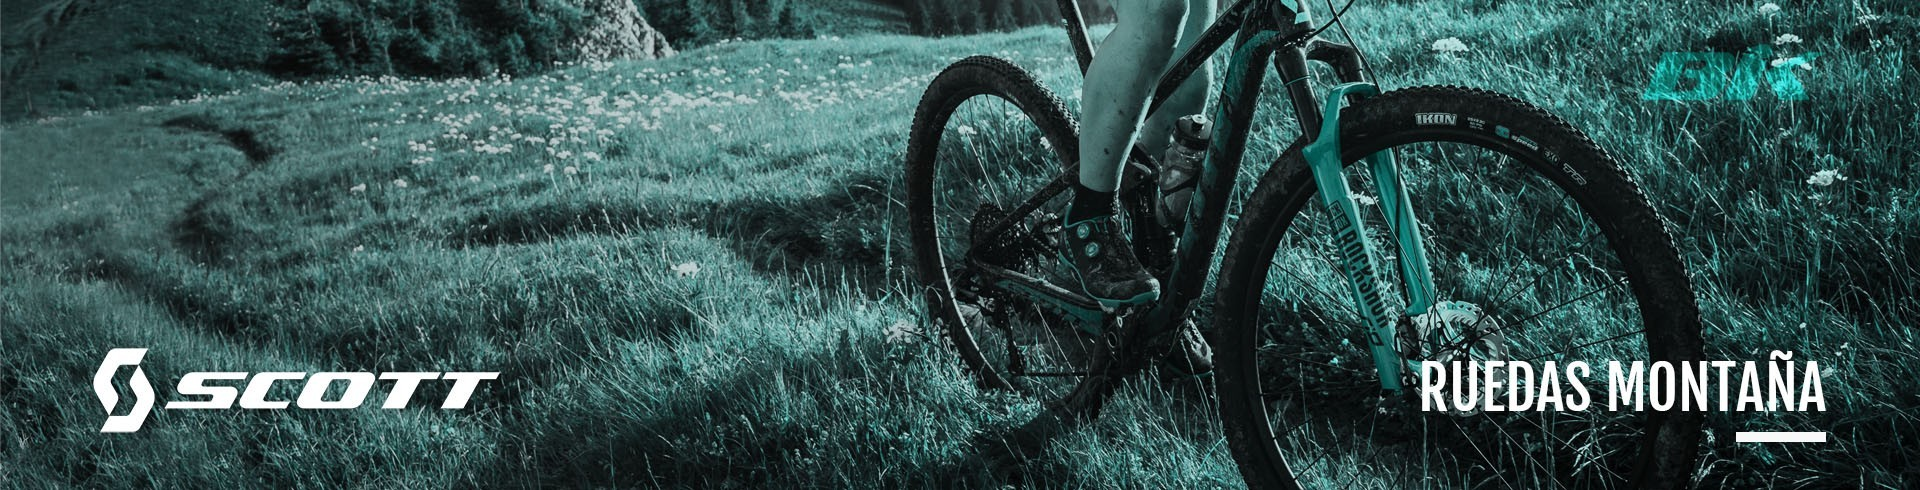 Wheels - mountain